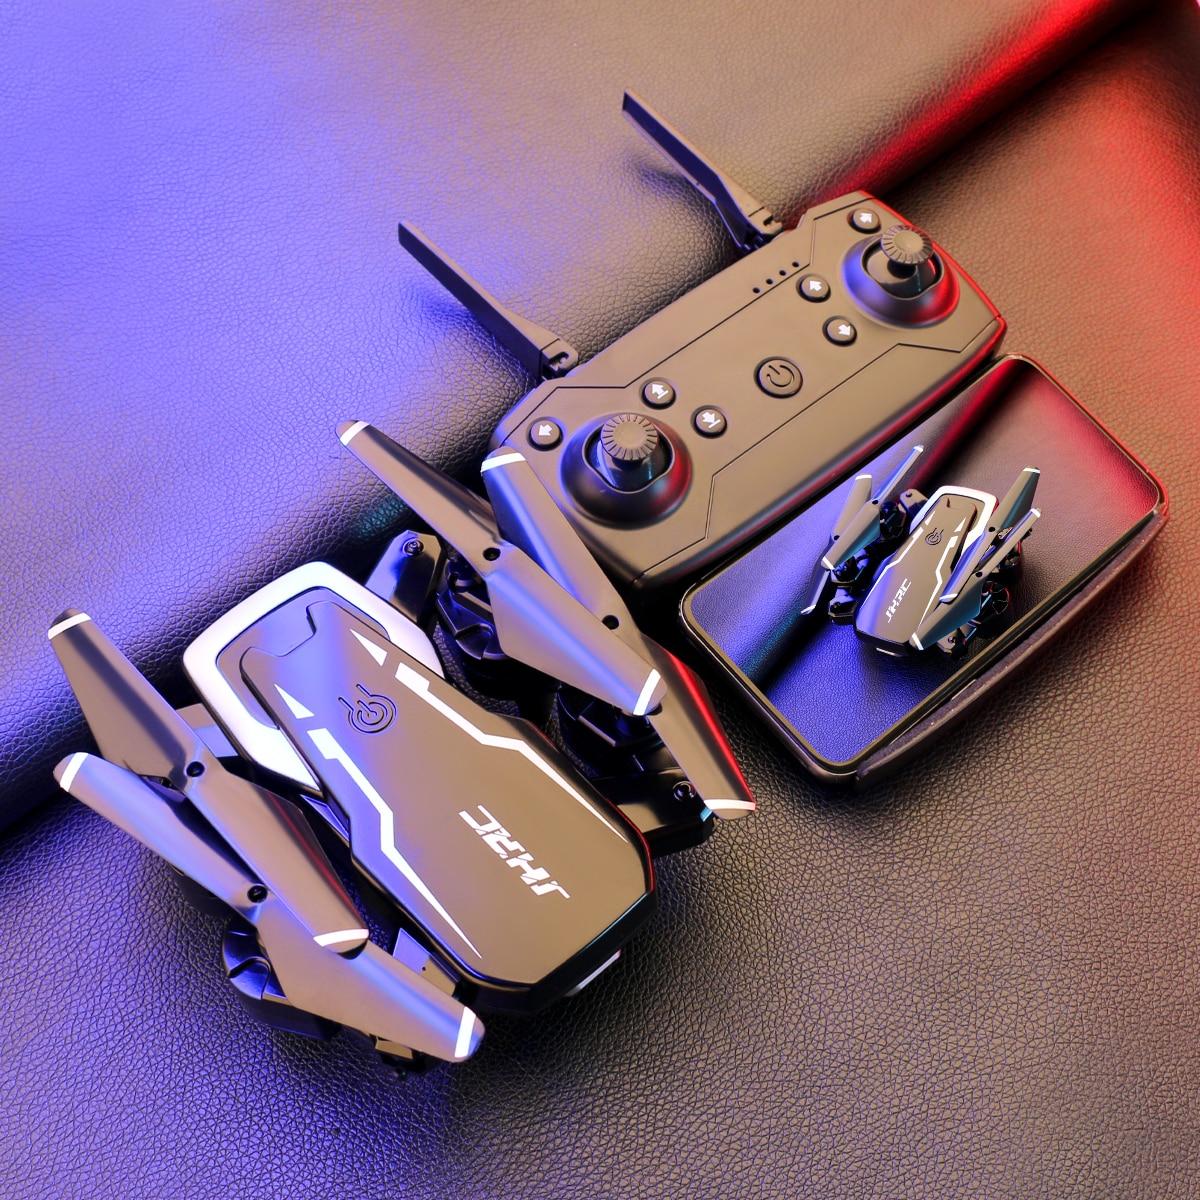 Y logopeda mini rc drone avión fotografía avión 4k sg906 pro mini...